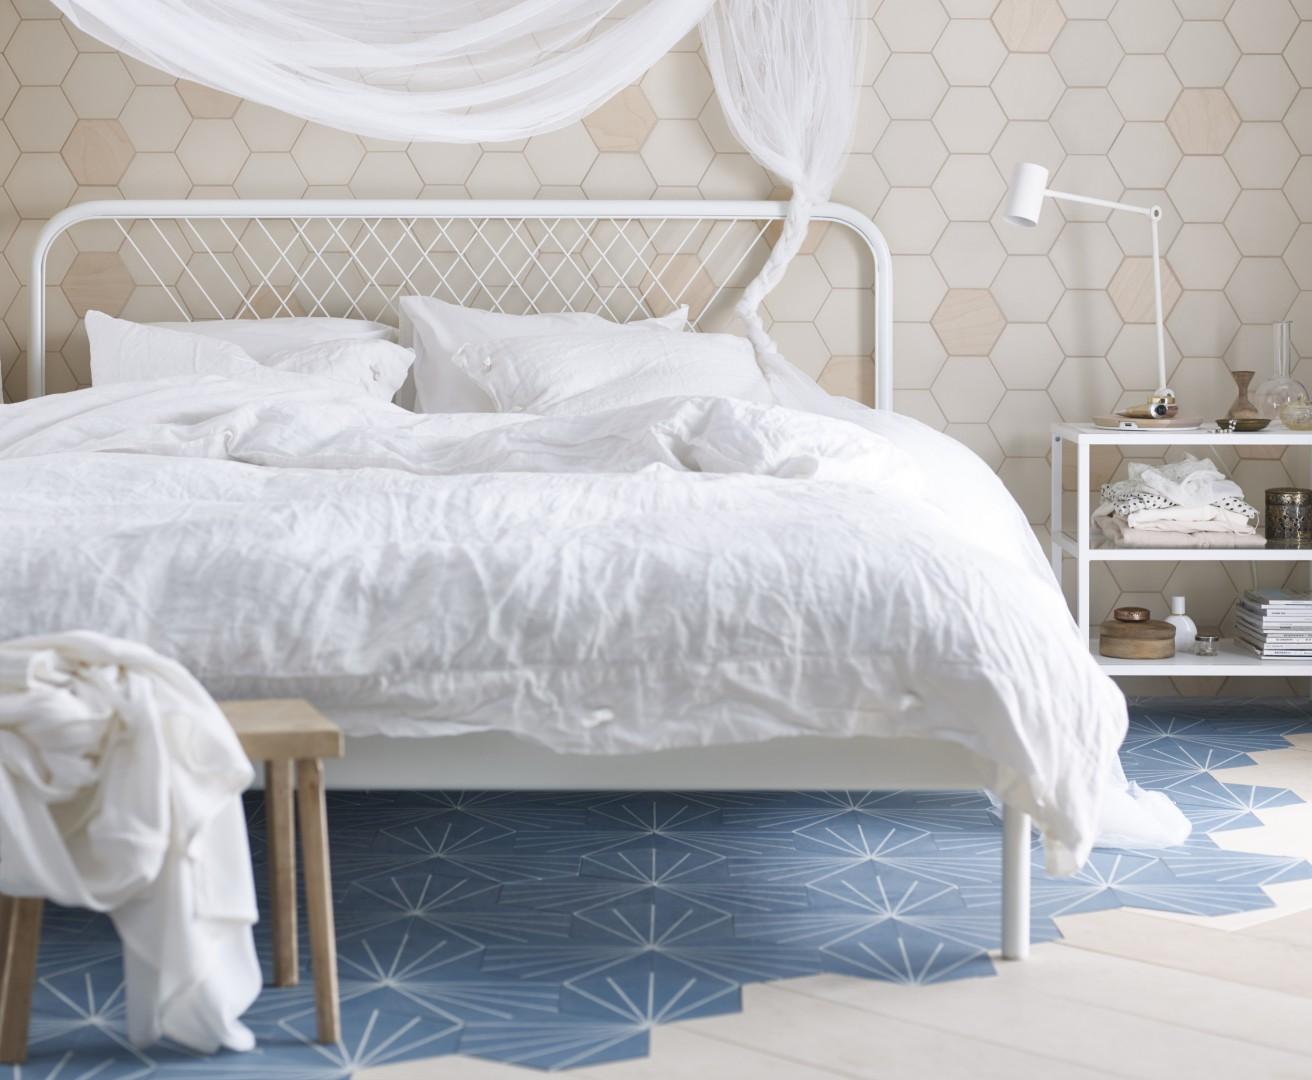 Łóżko Nesttun z oferty IKEA. Fot. IKEA